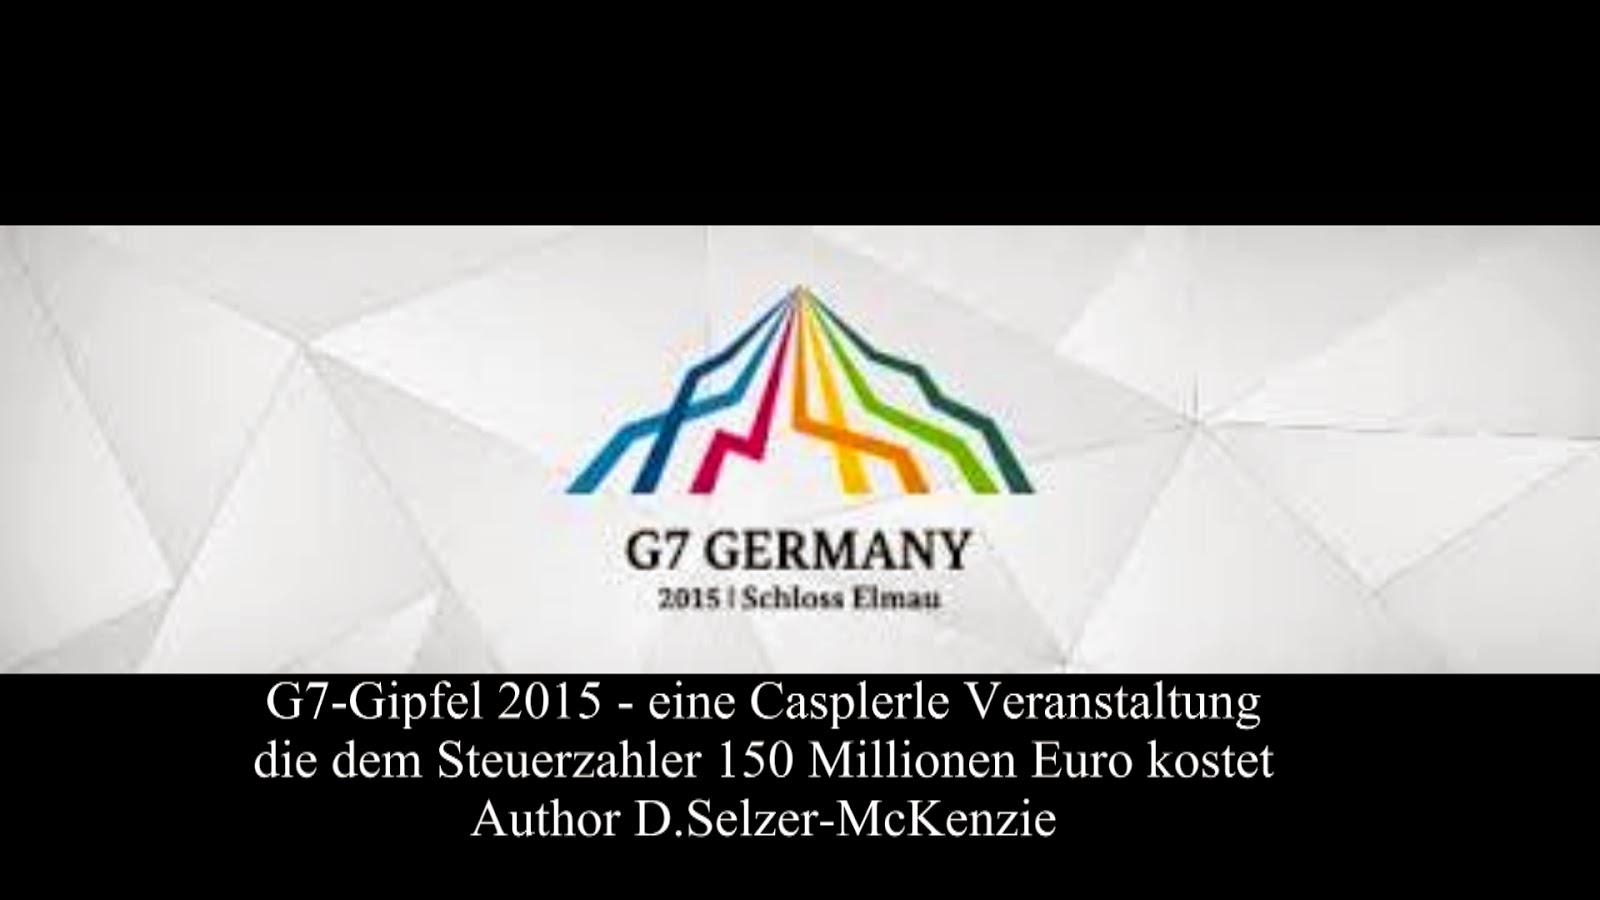 G7 poker